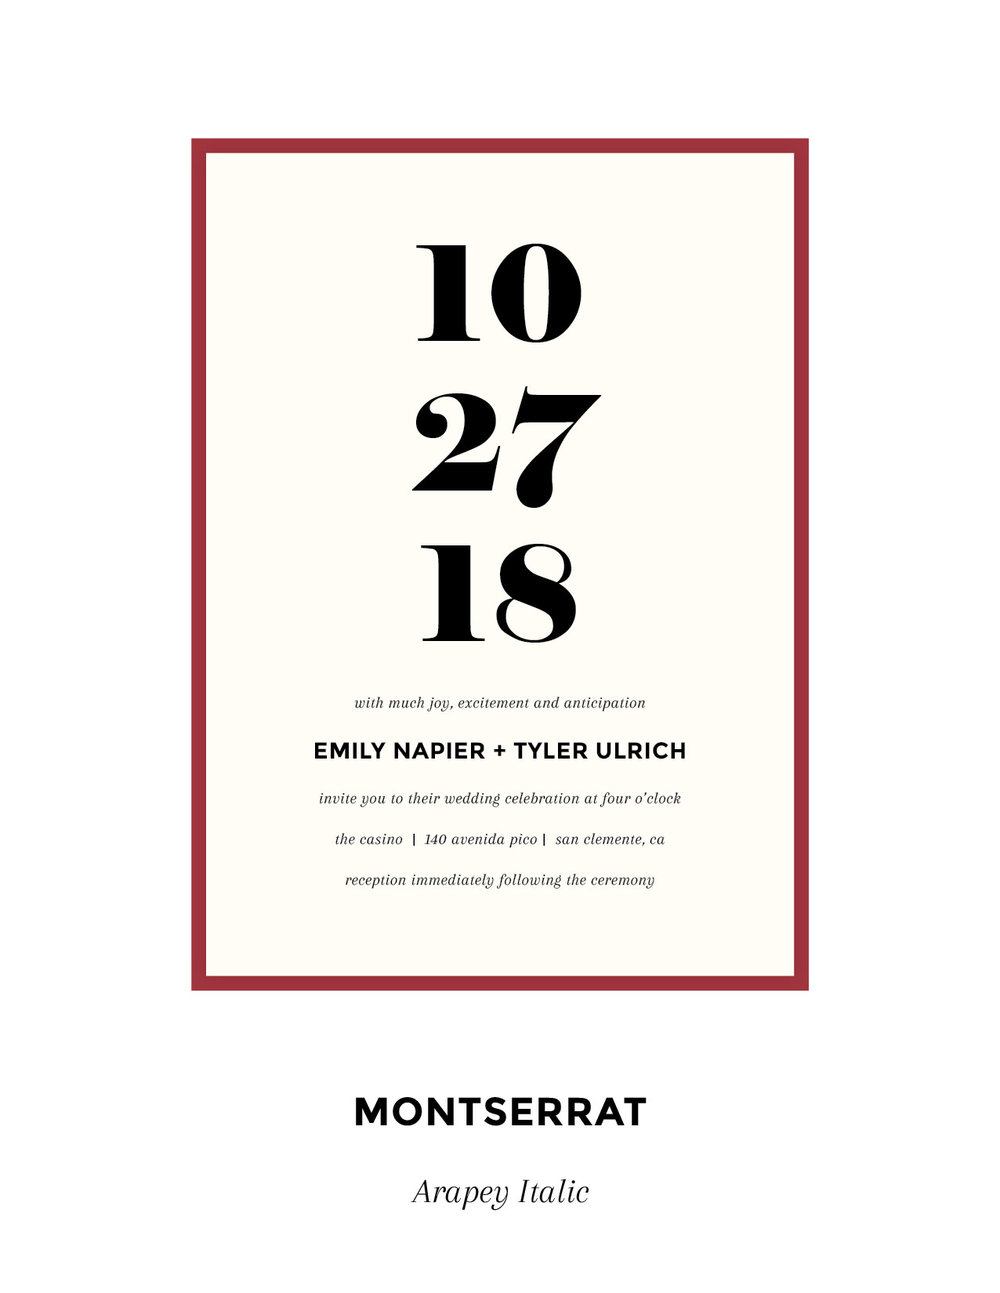 Wedding Fonts_2_Montserrat.jpg